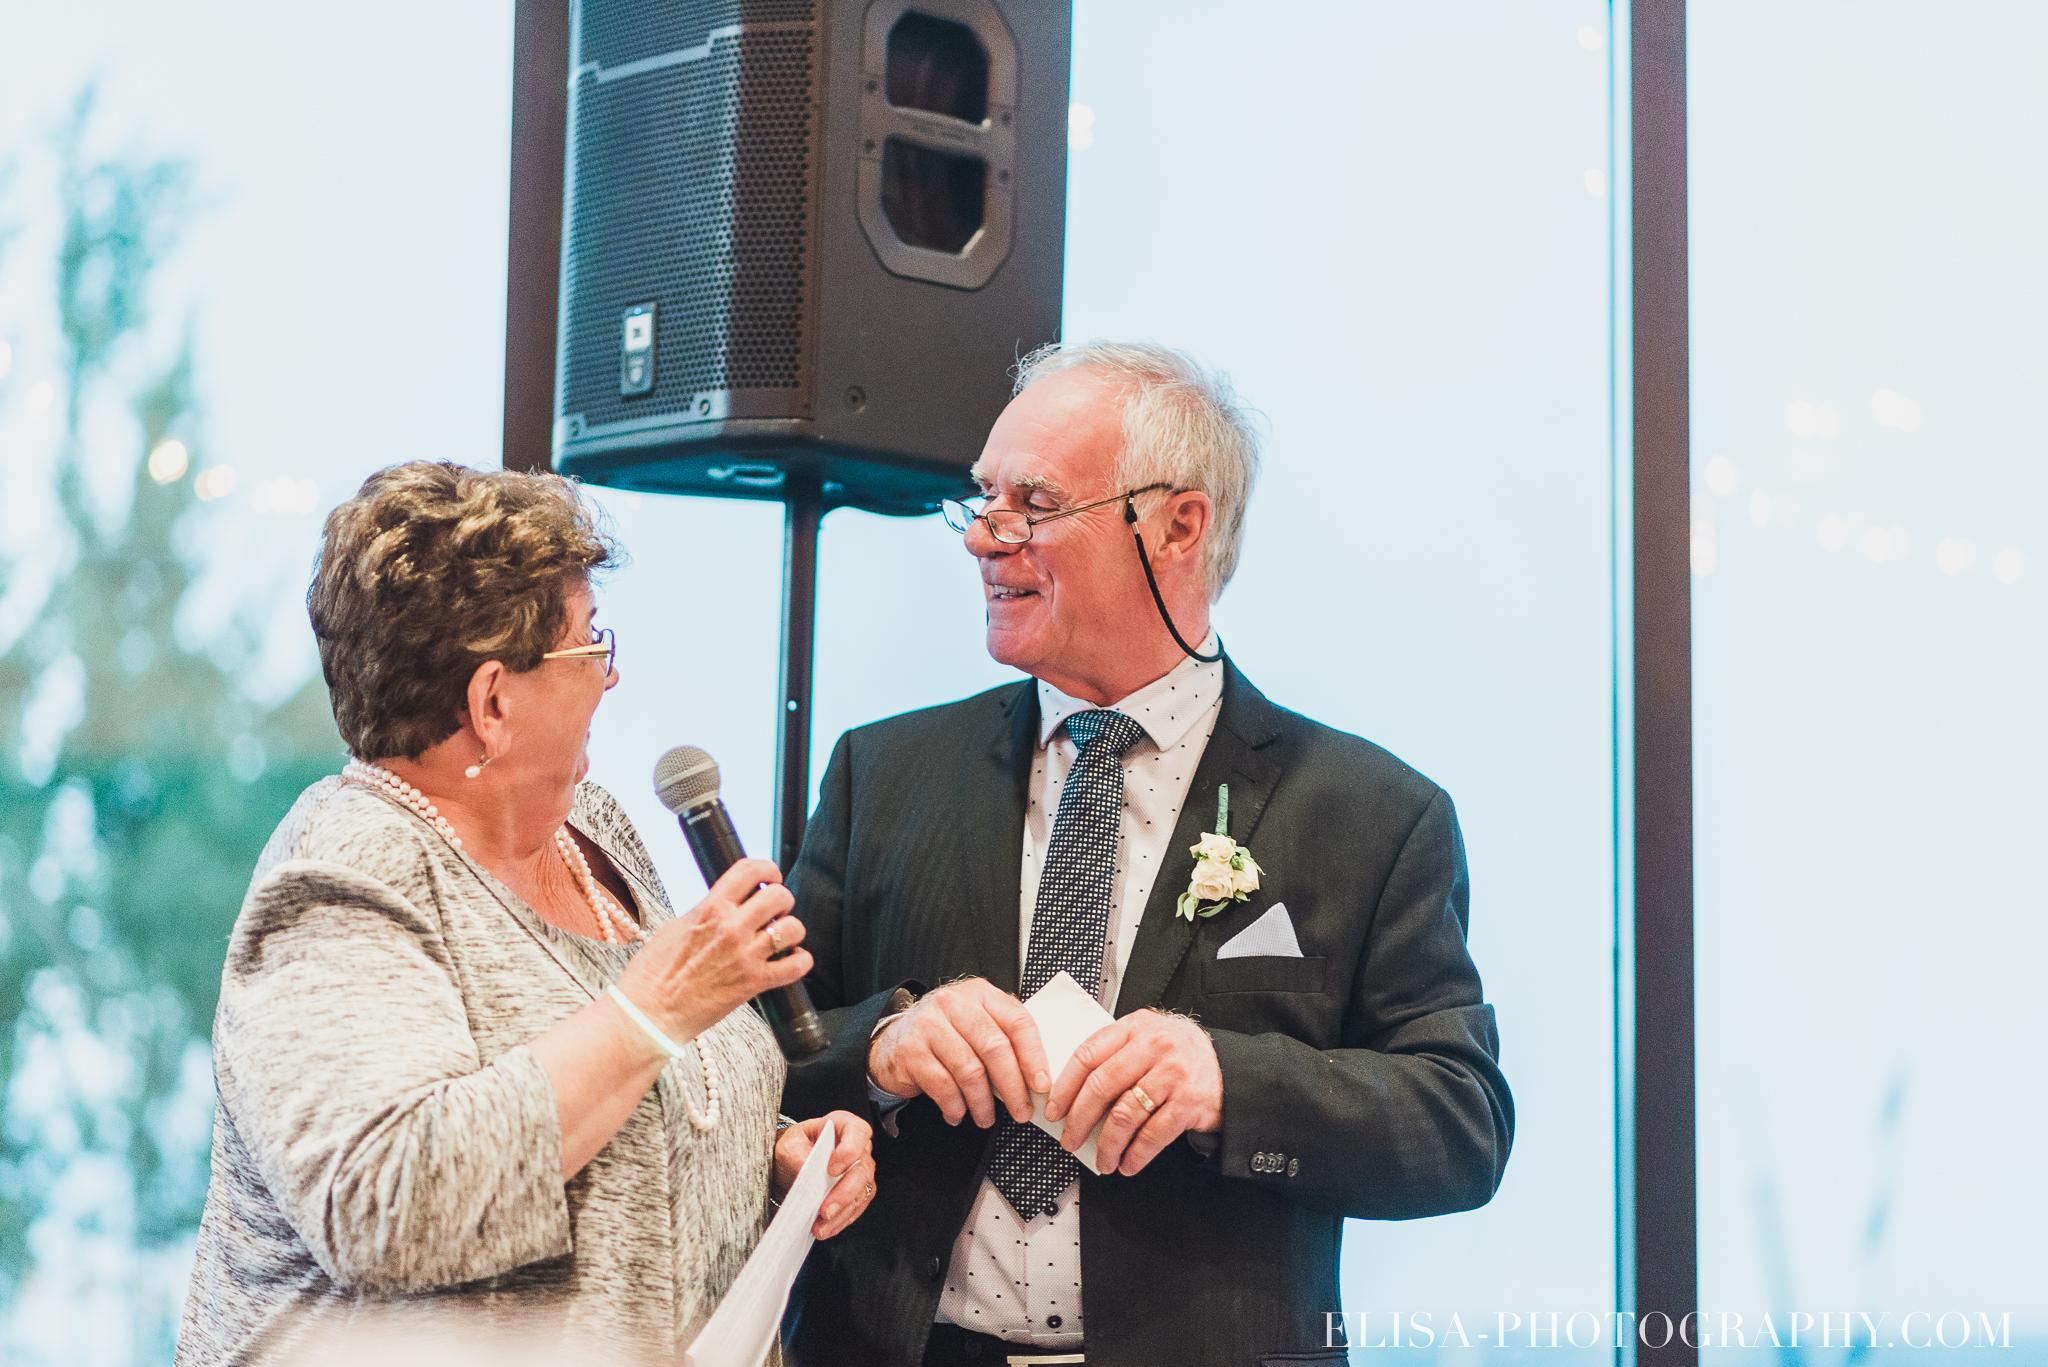 photo mariage quebec baie beauport reception fete danse des maries jeux soulier 8836 - Mariage à la plage de la baie de Beauport